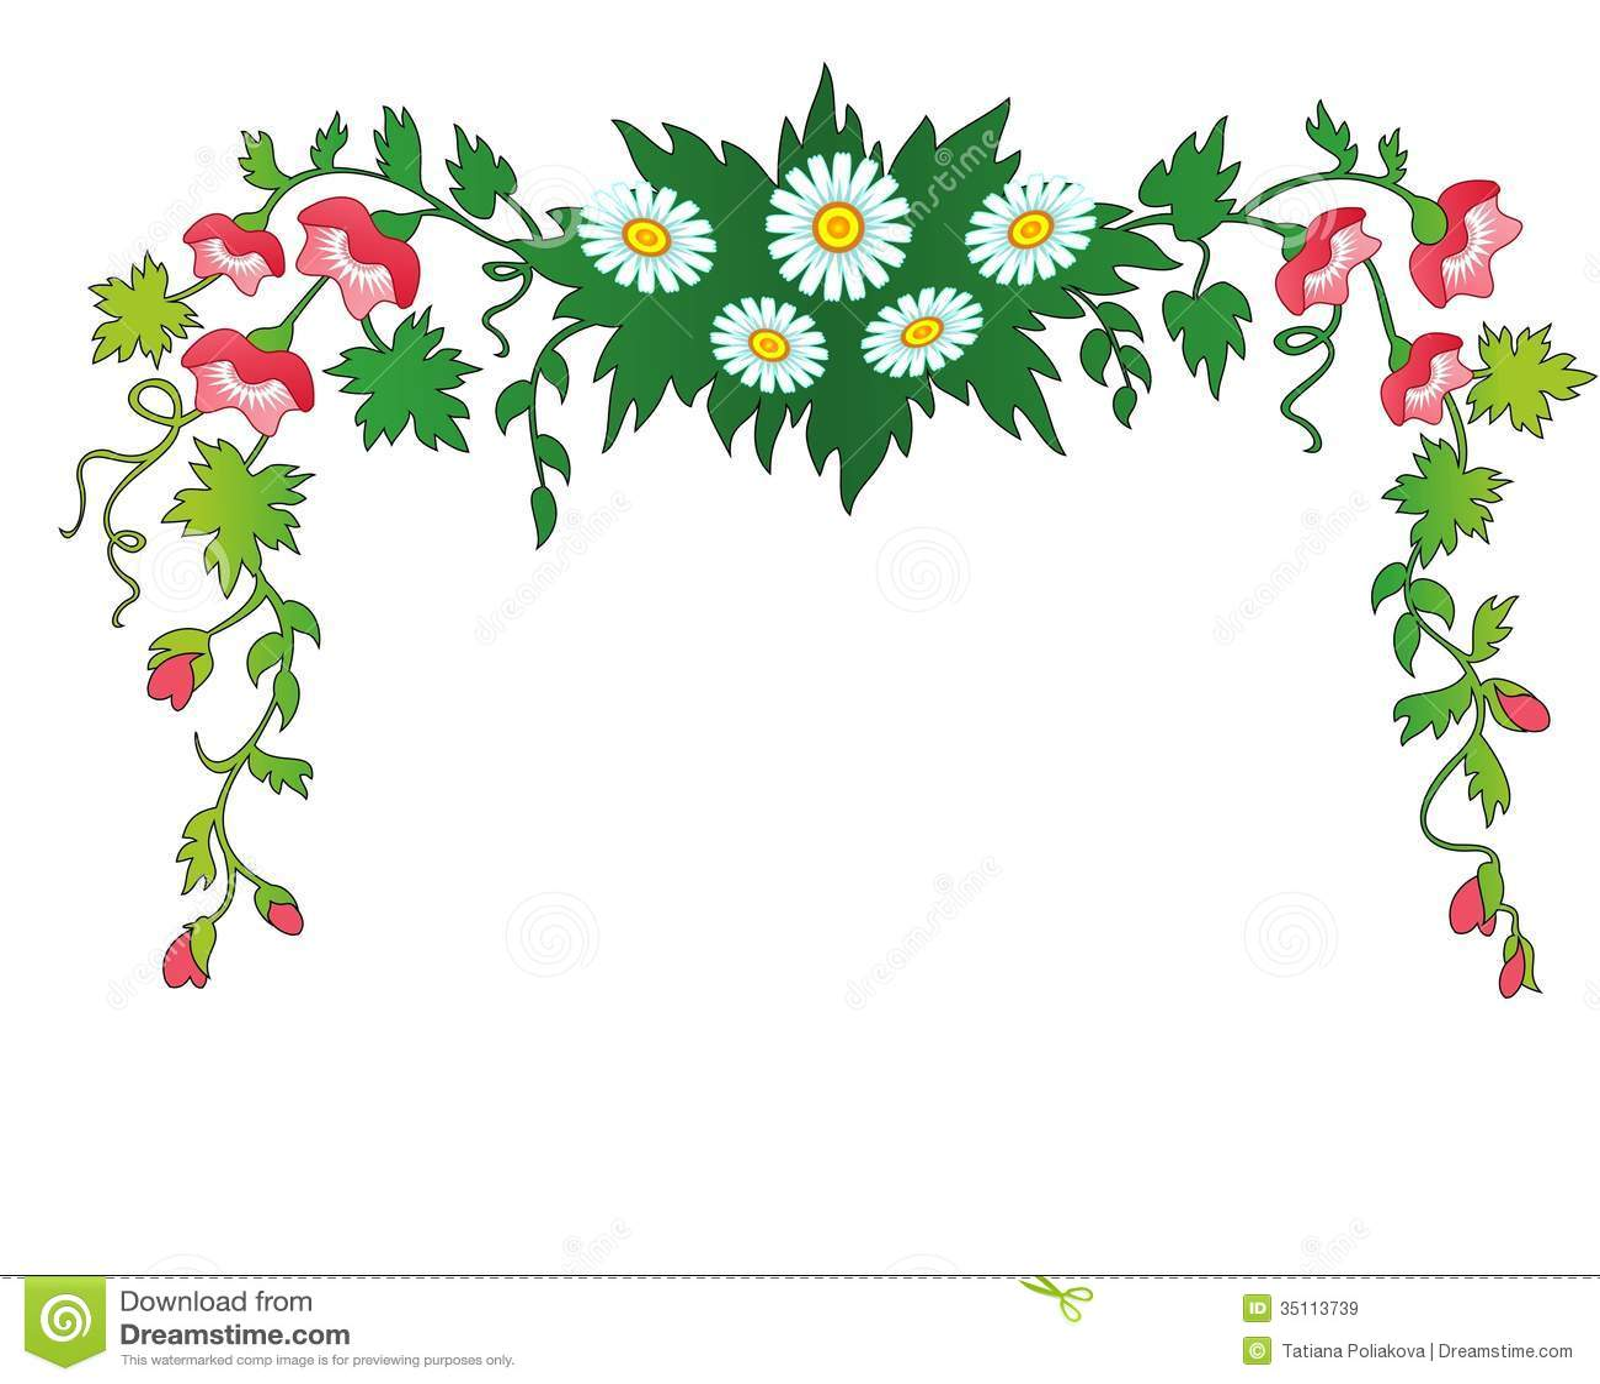 Bloemen En Bladeren Kader Vector Illustratie